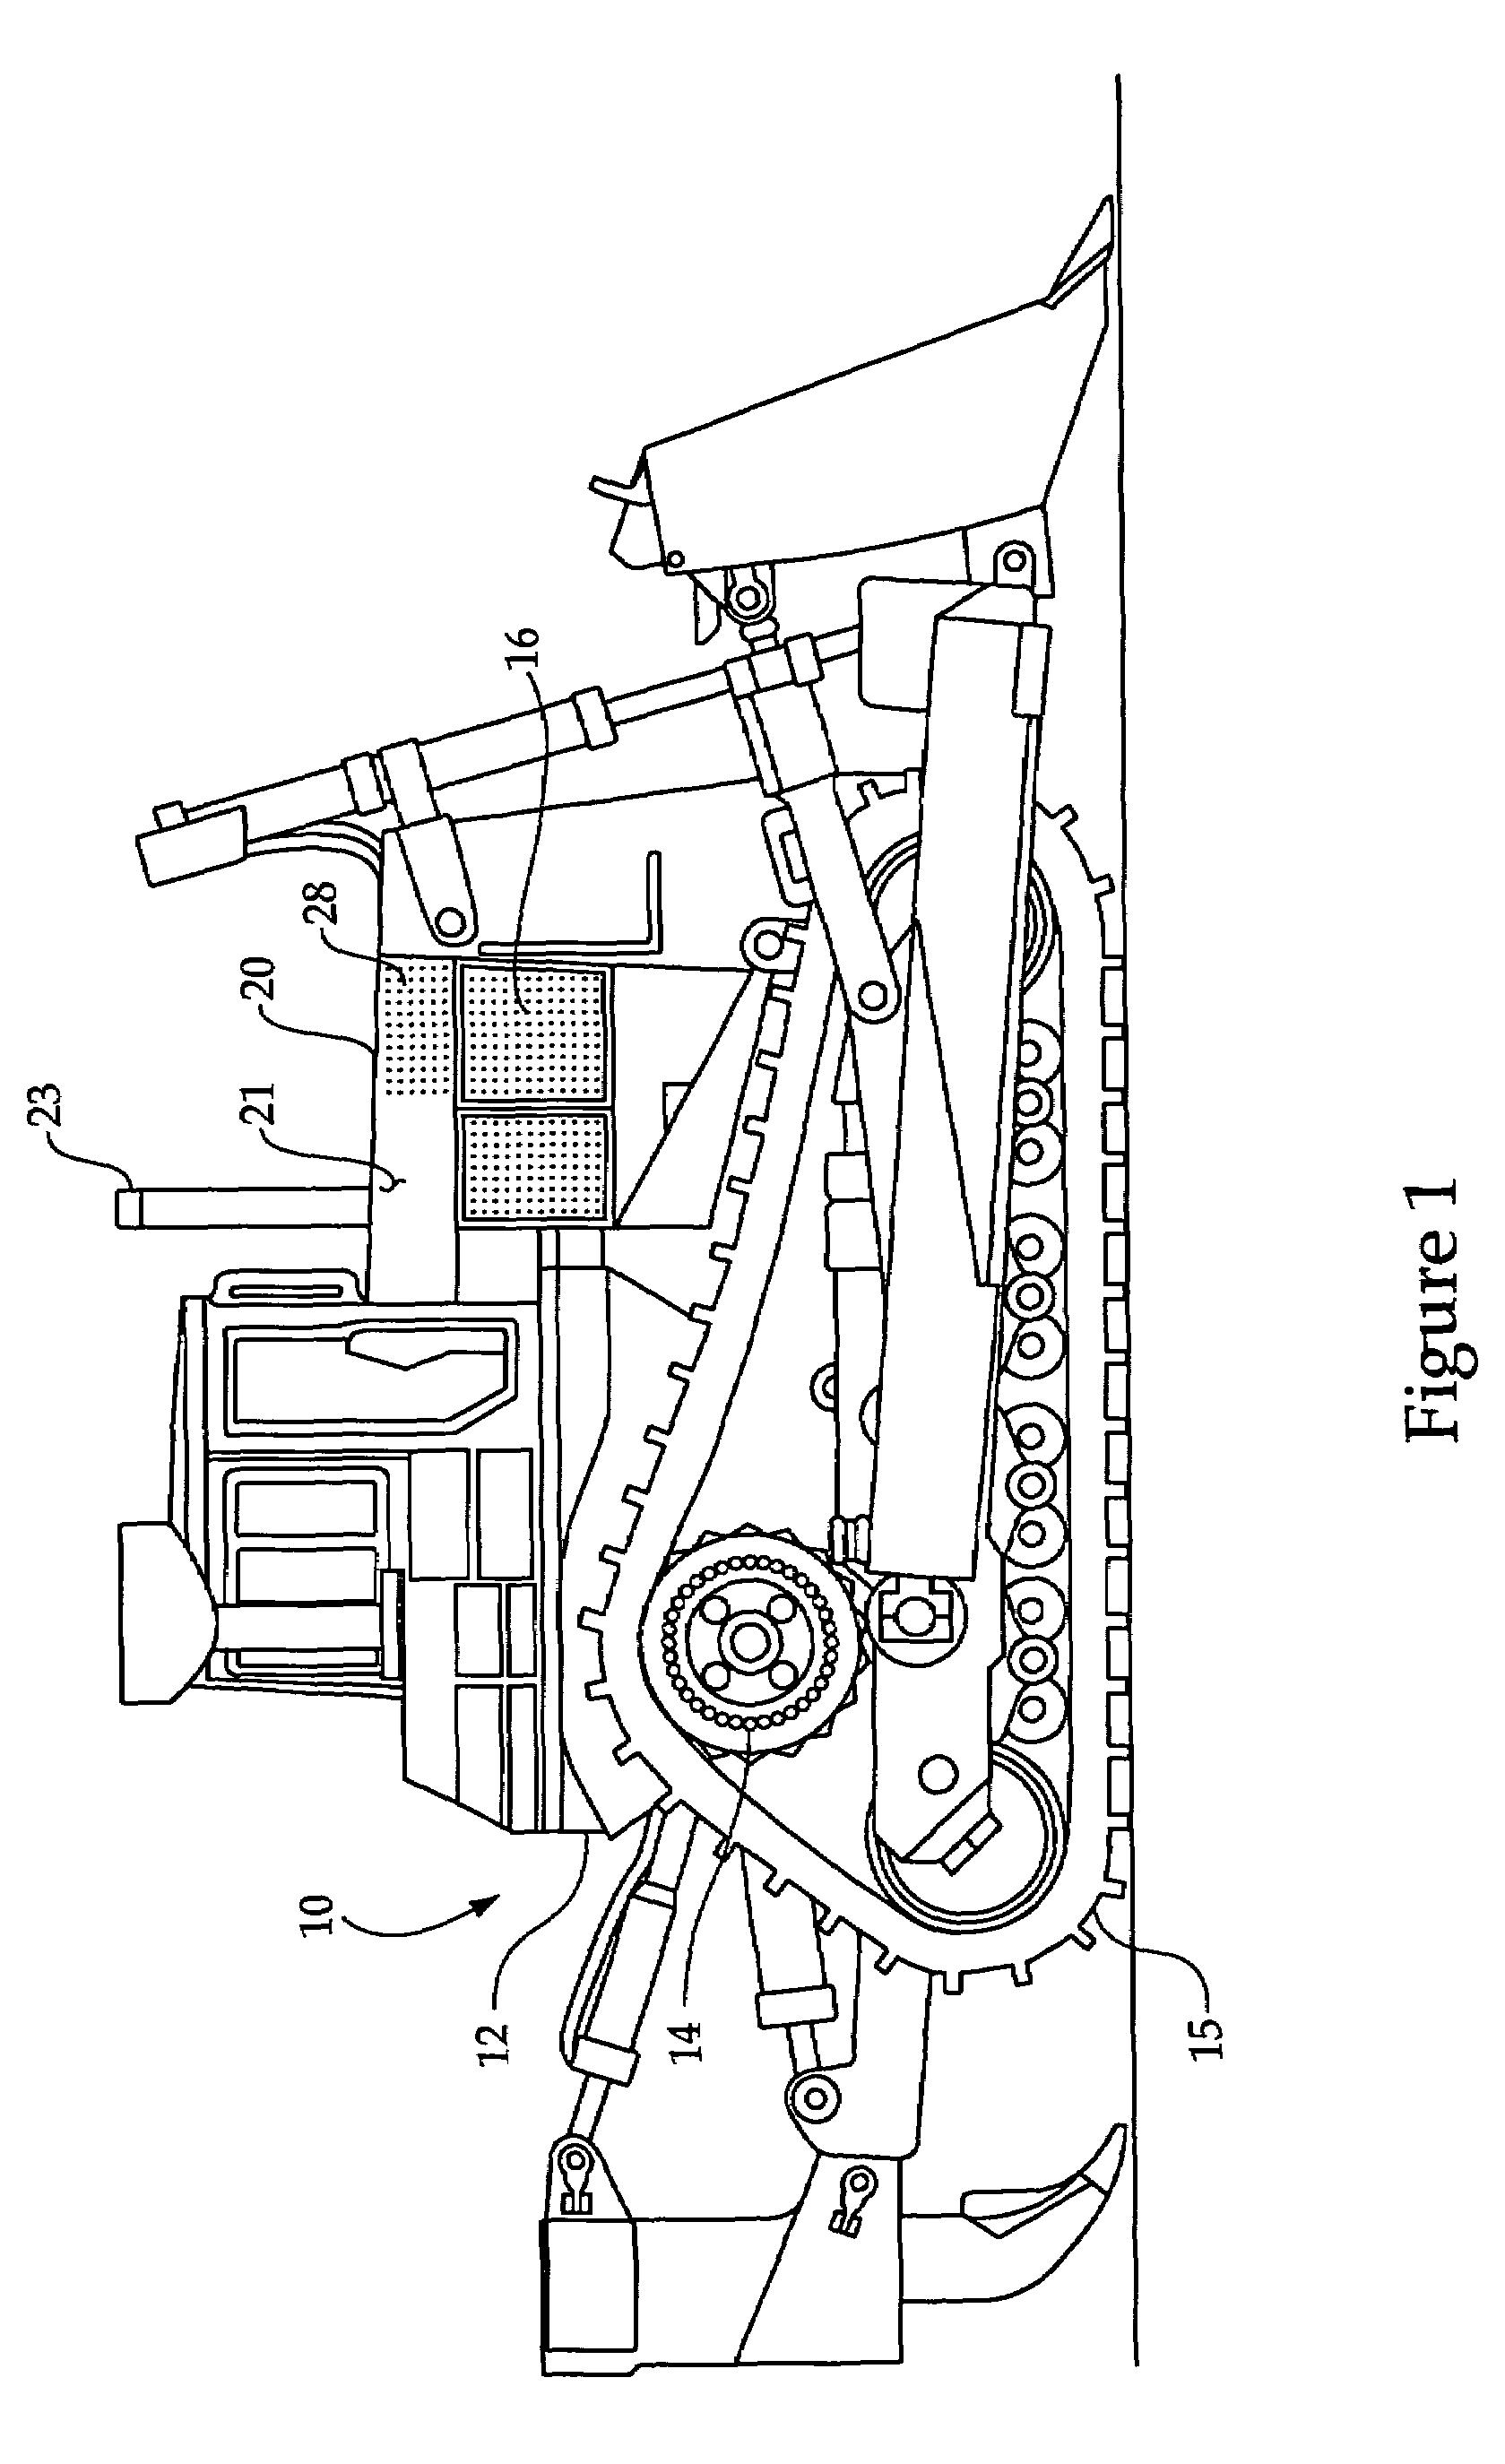 patent us7717205